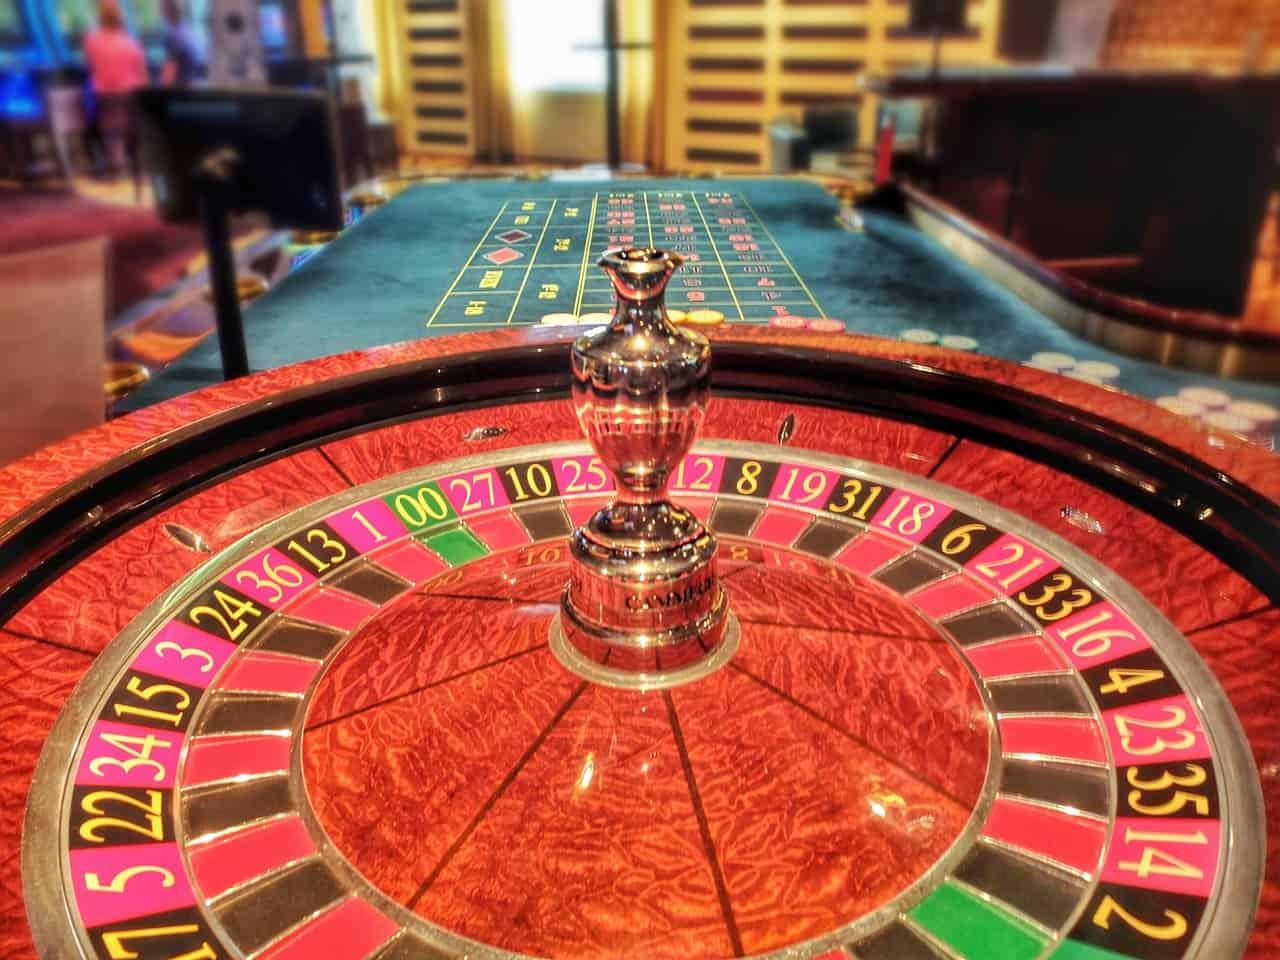 juego de la ruleta casino gratis